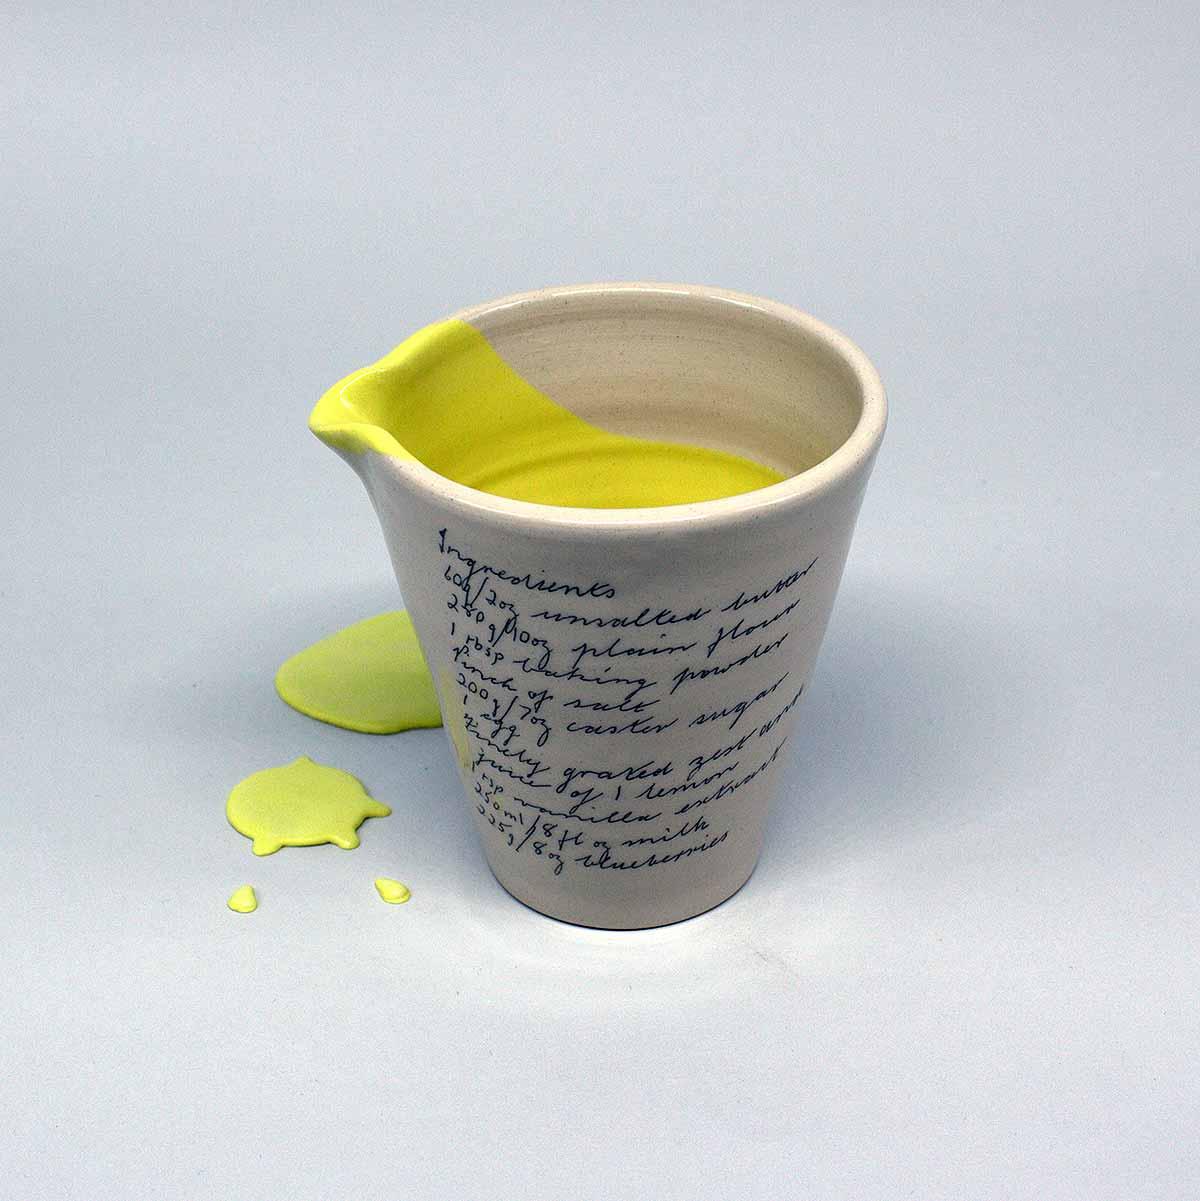 jug on white background